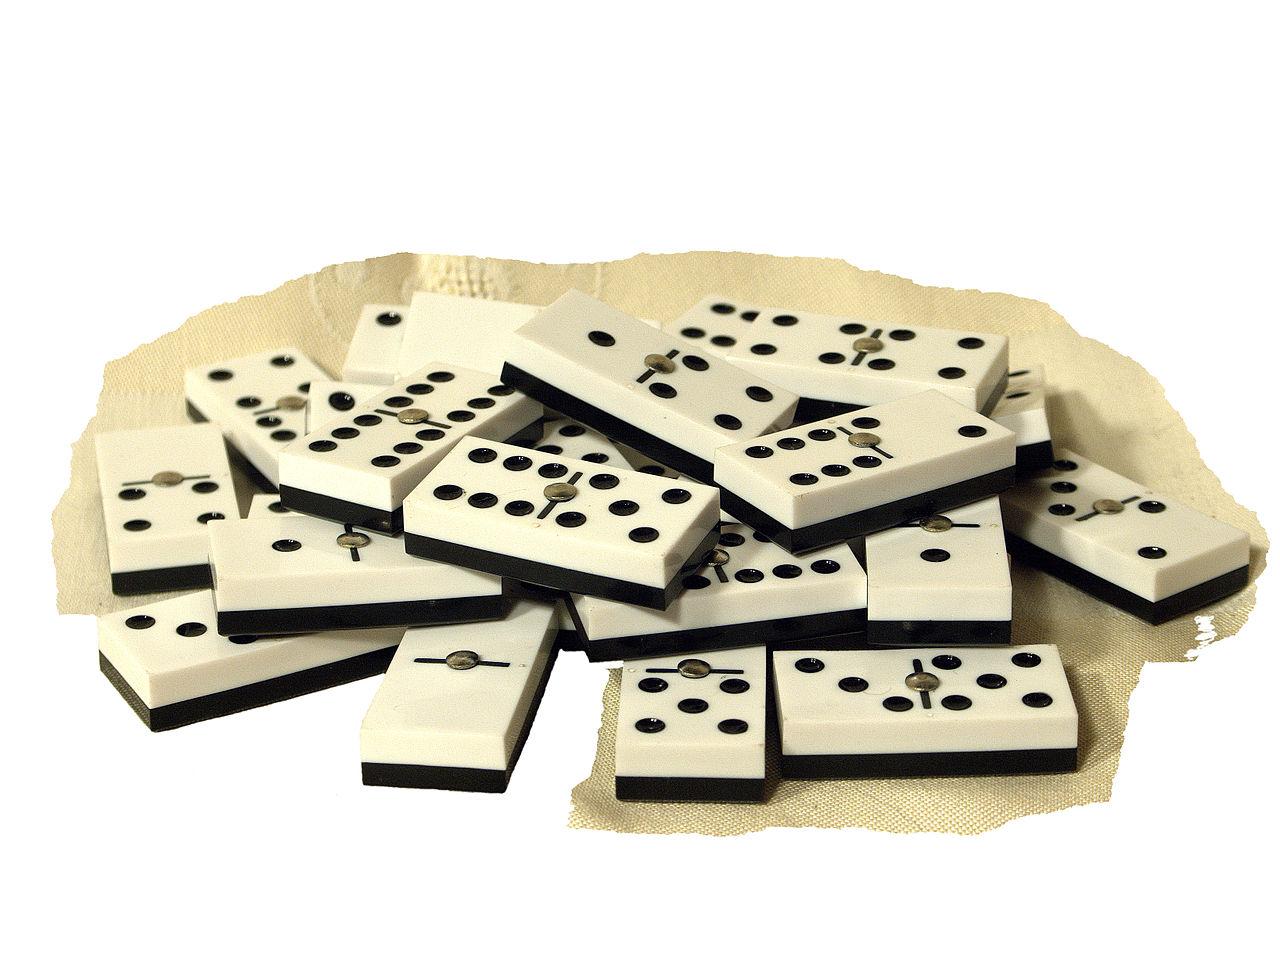 Domino Regeln